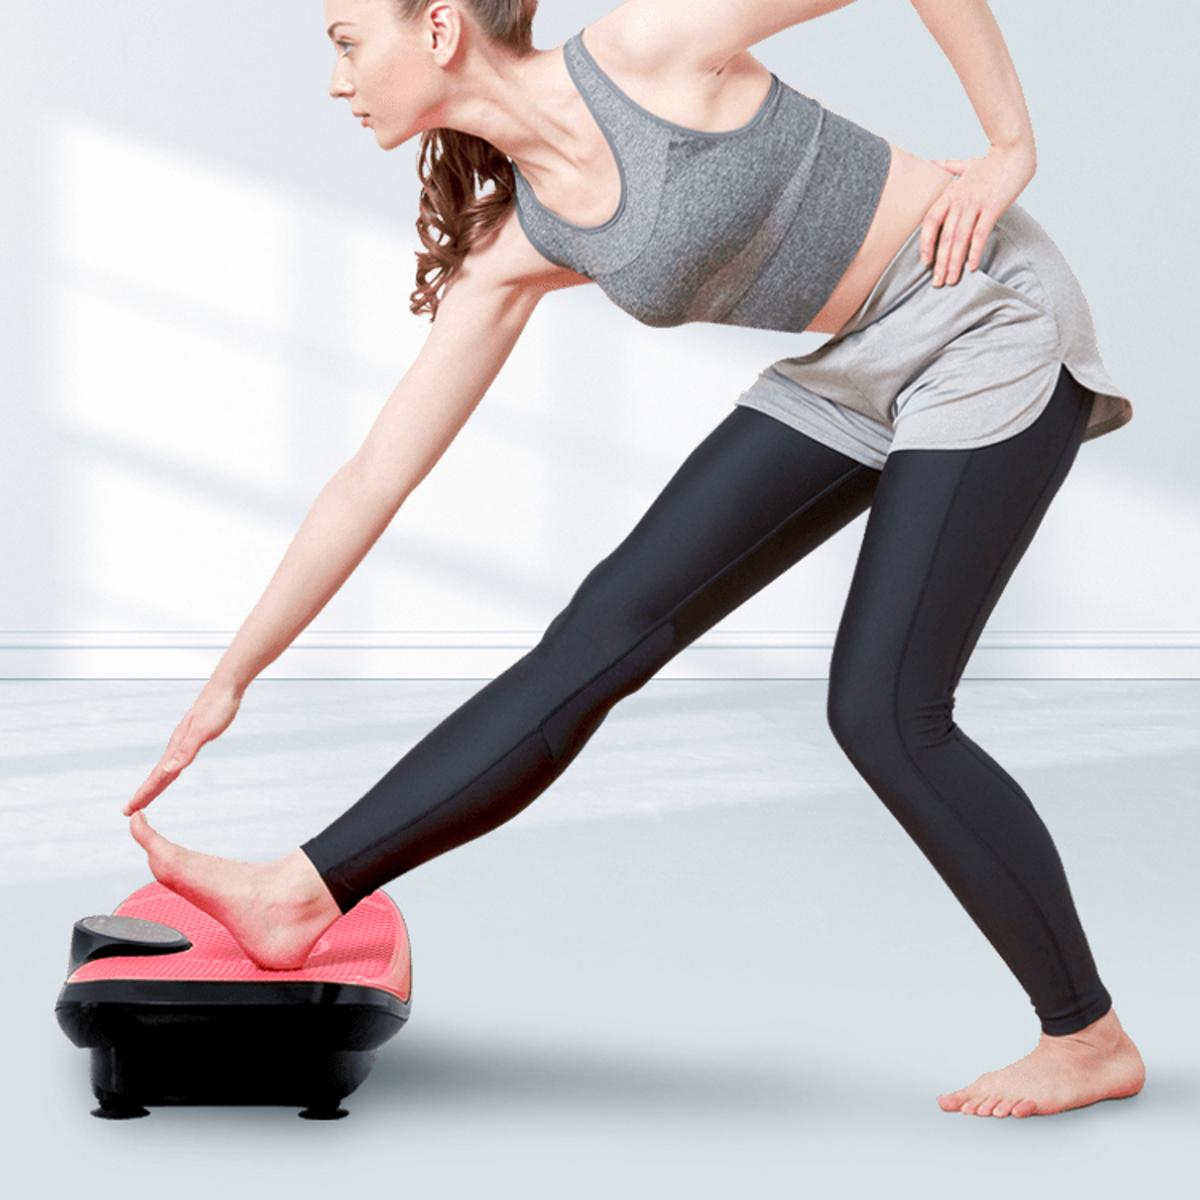 朝ドラを見ながら、15分ブルブル習慣|若々しい体づくりには、毎分840回の振動を